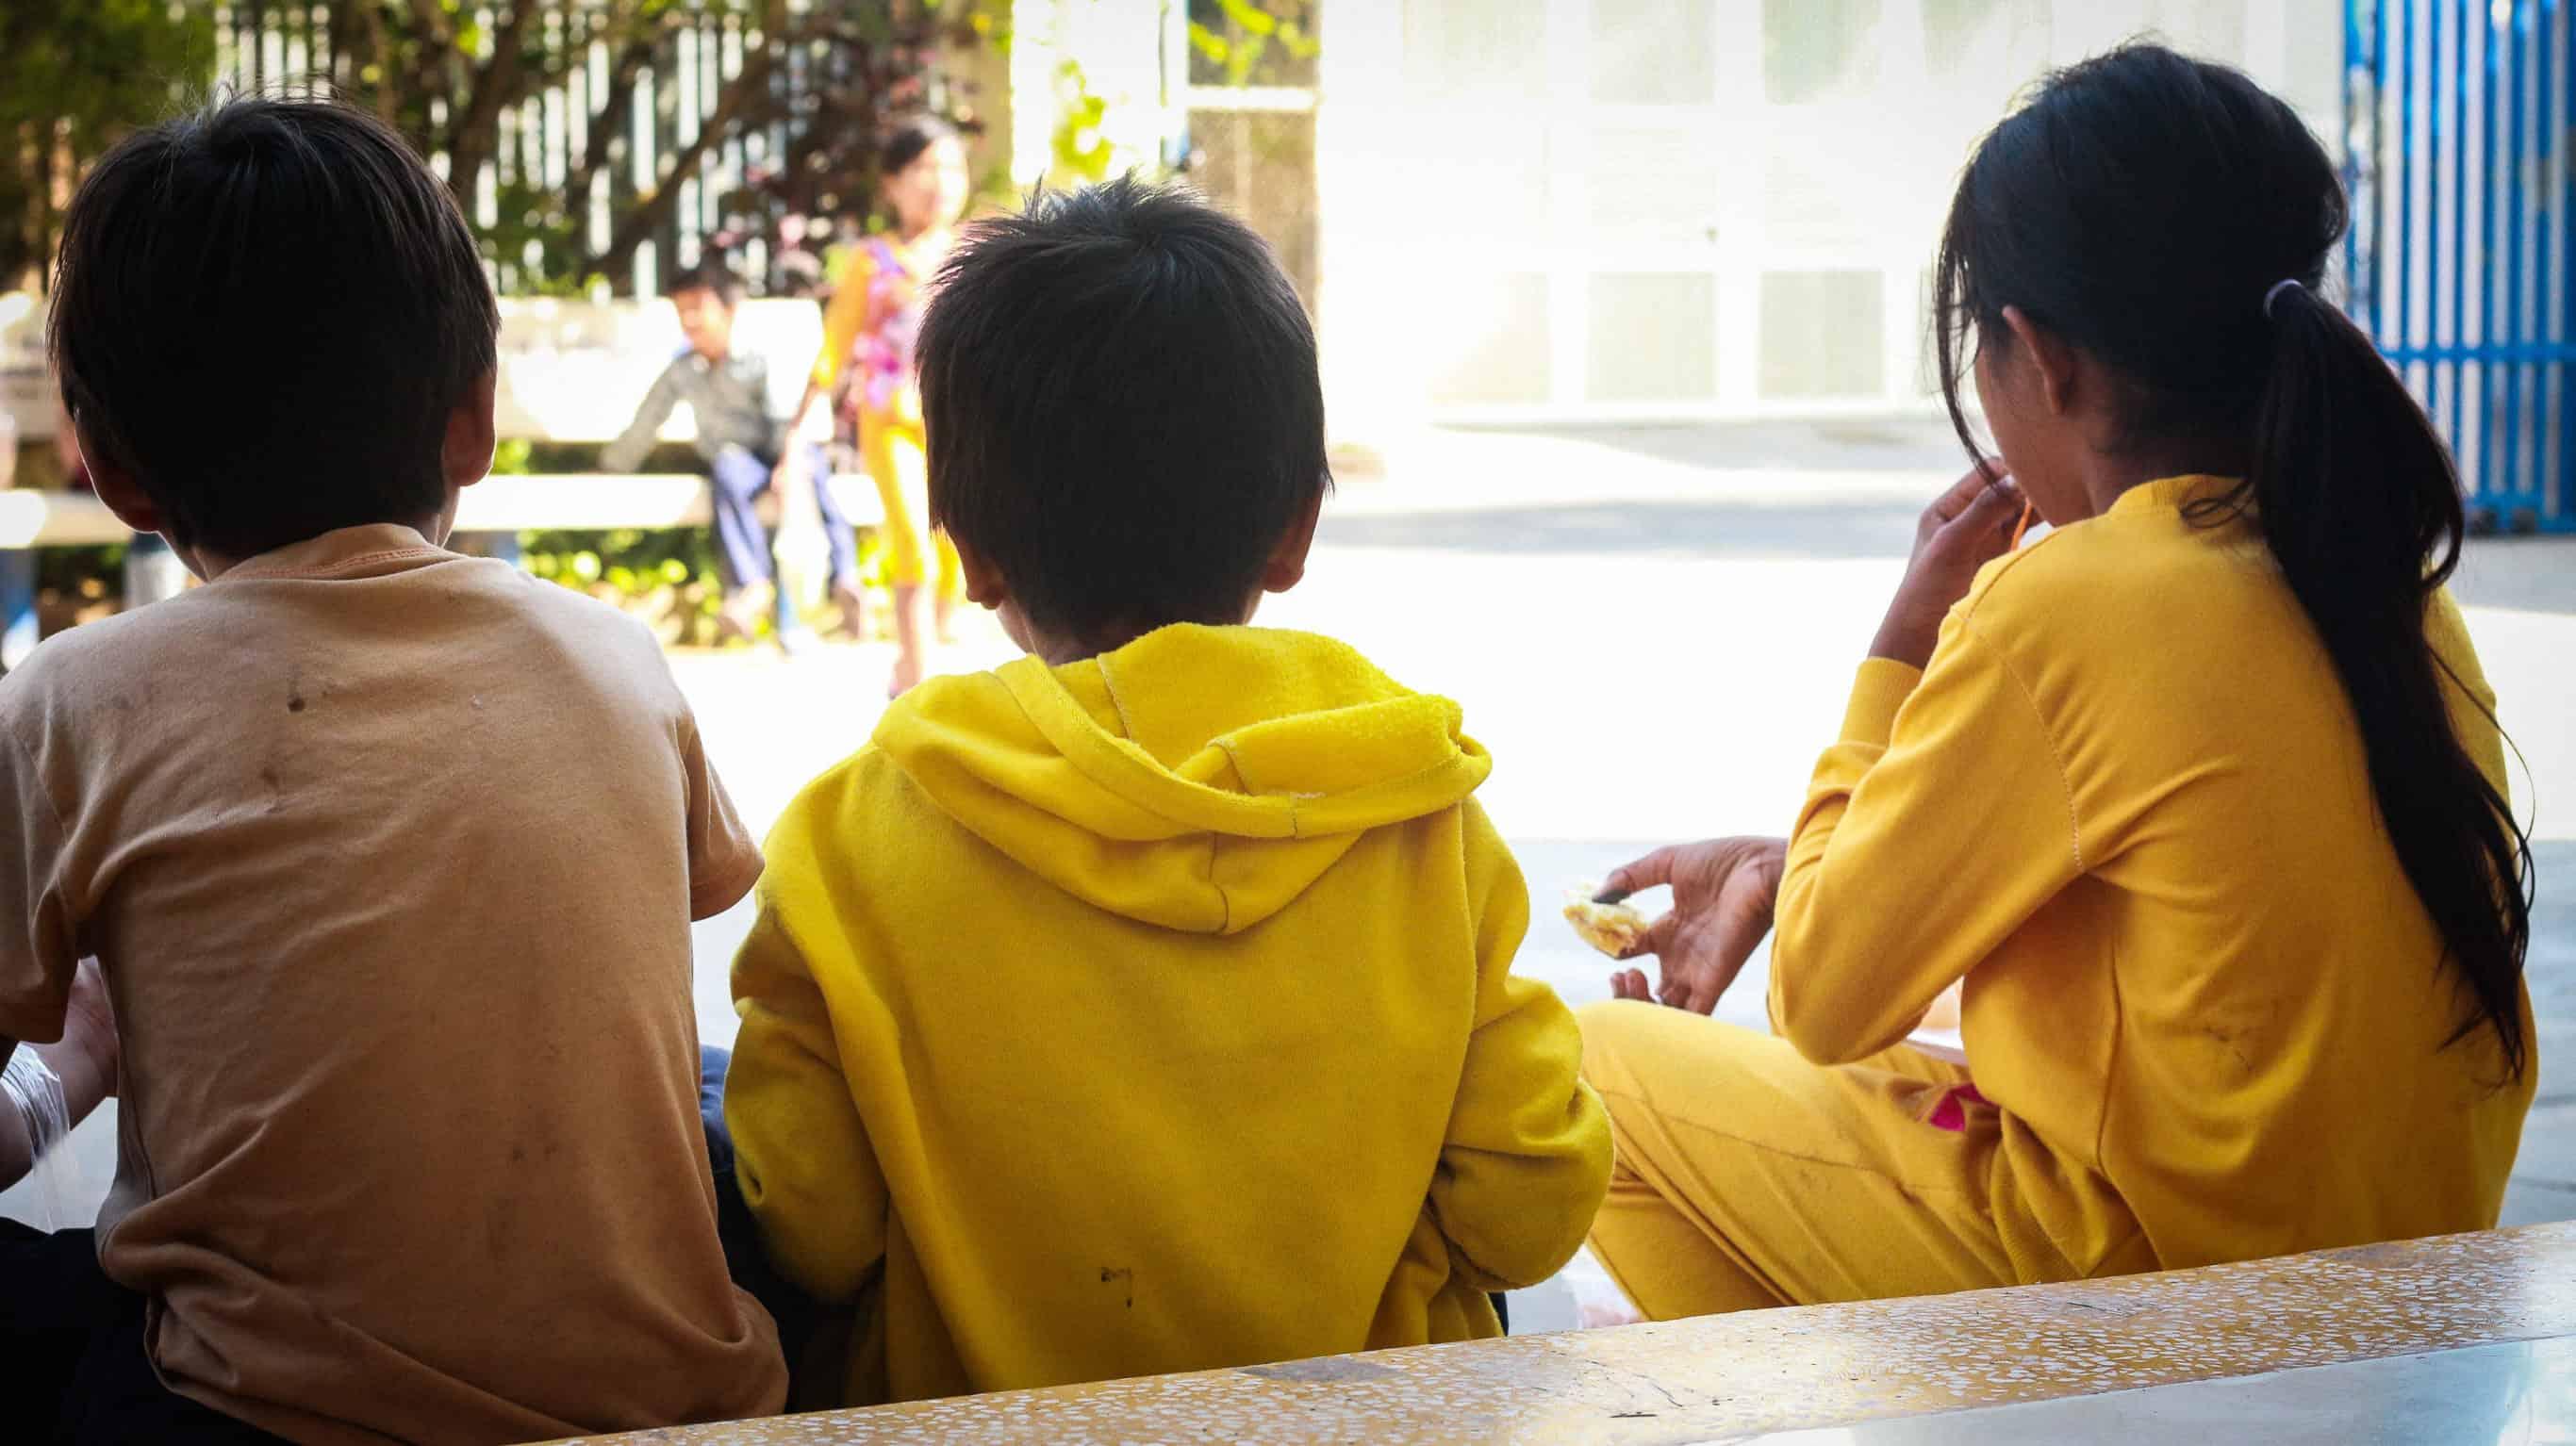 three-children-llook-gate